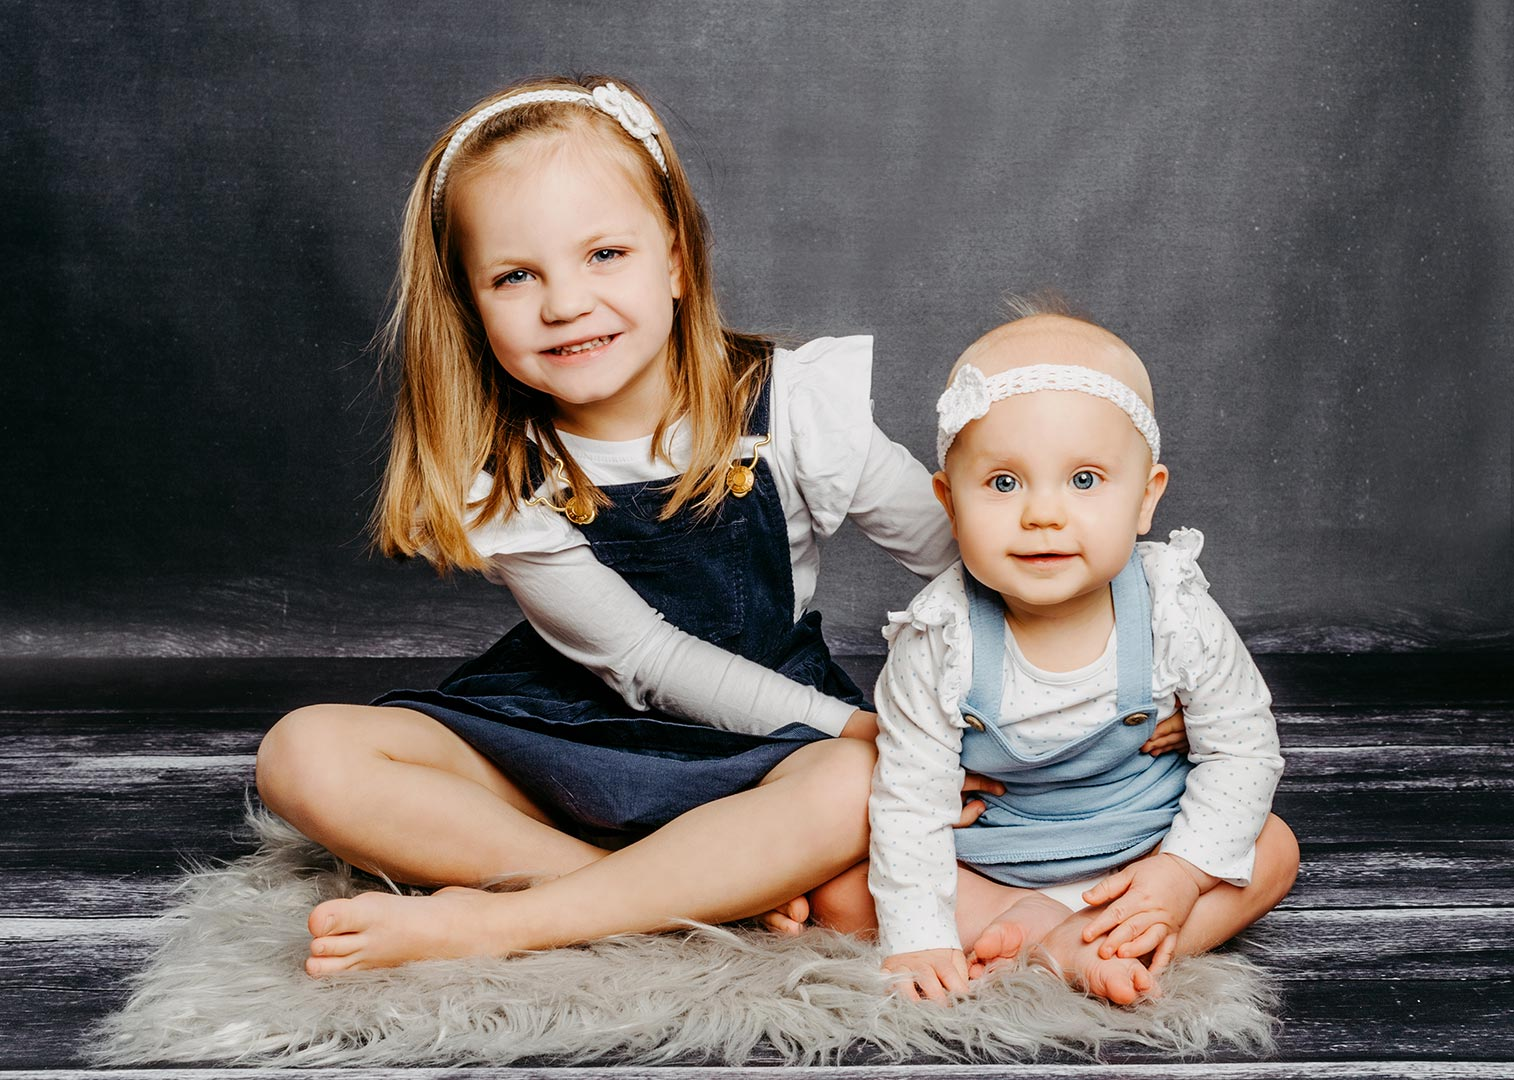 Fotografie Herzberg - Baby